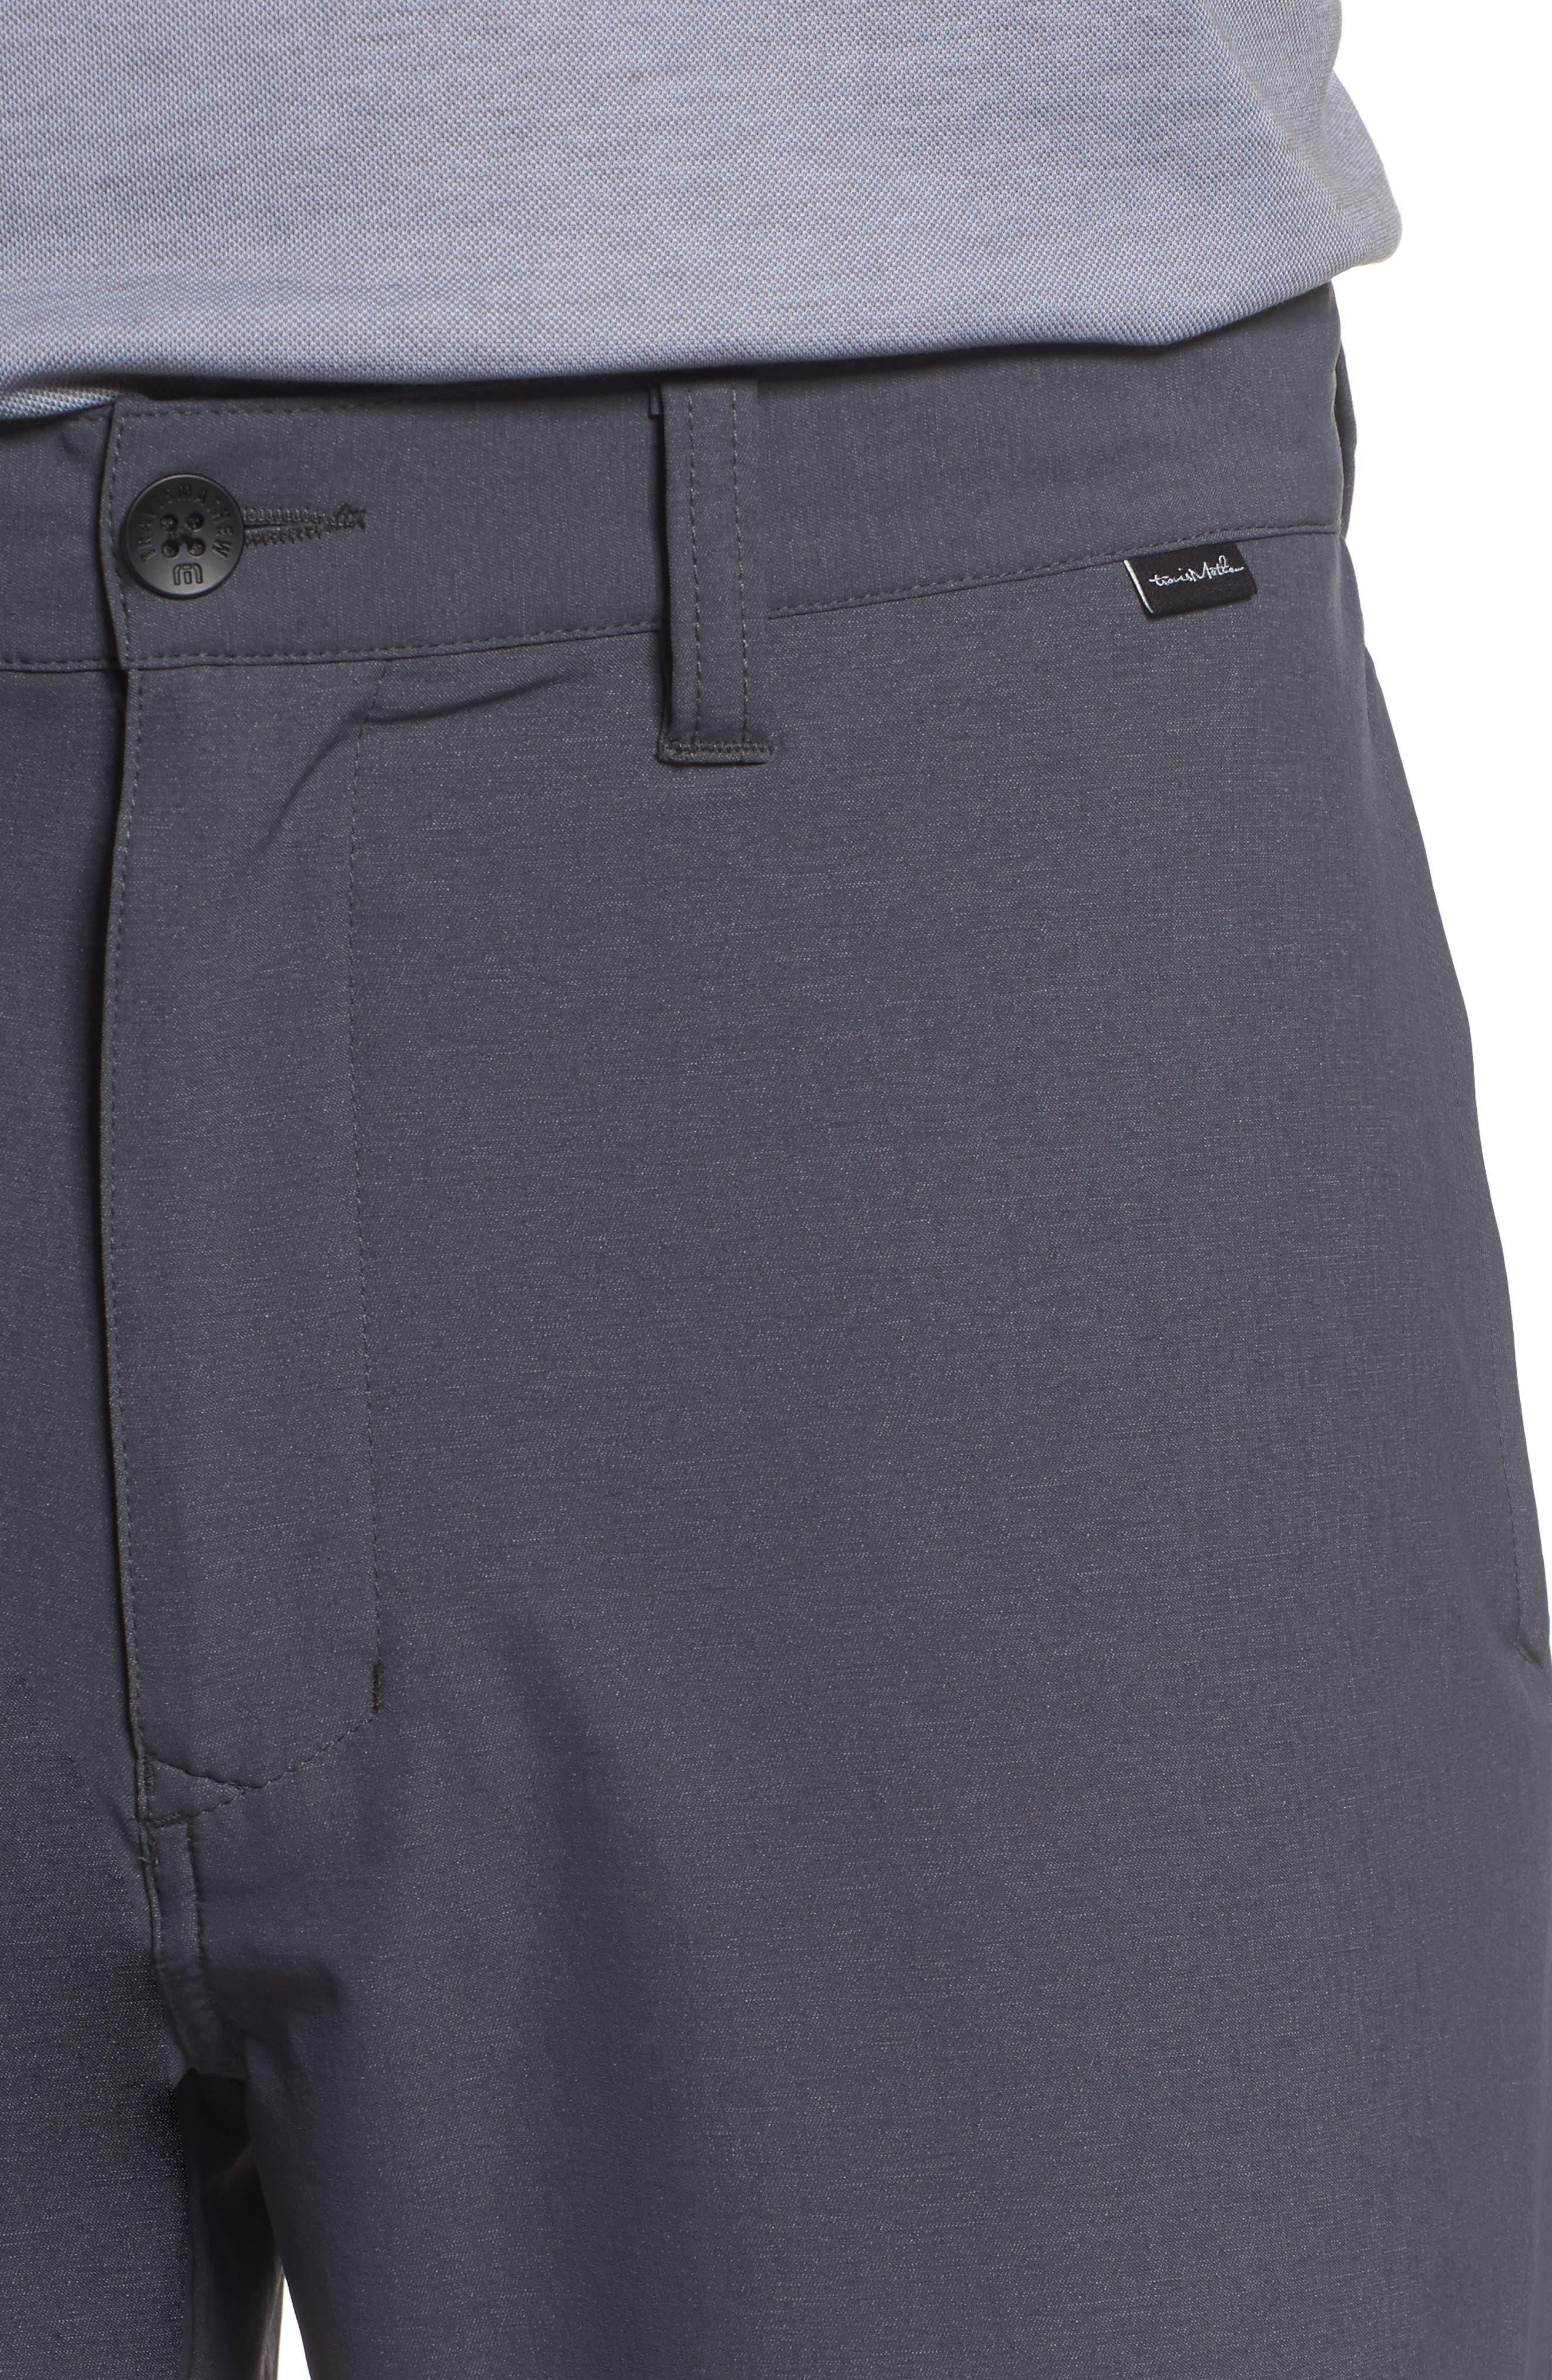 Templeton Shorts,                             Alternate thumbnail 4, color,                             Blue Nights